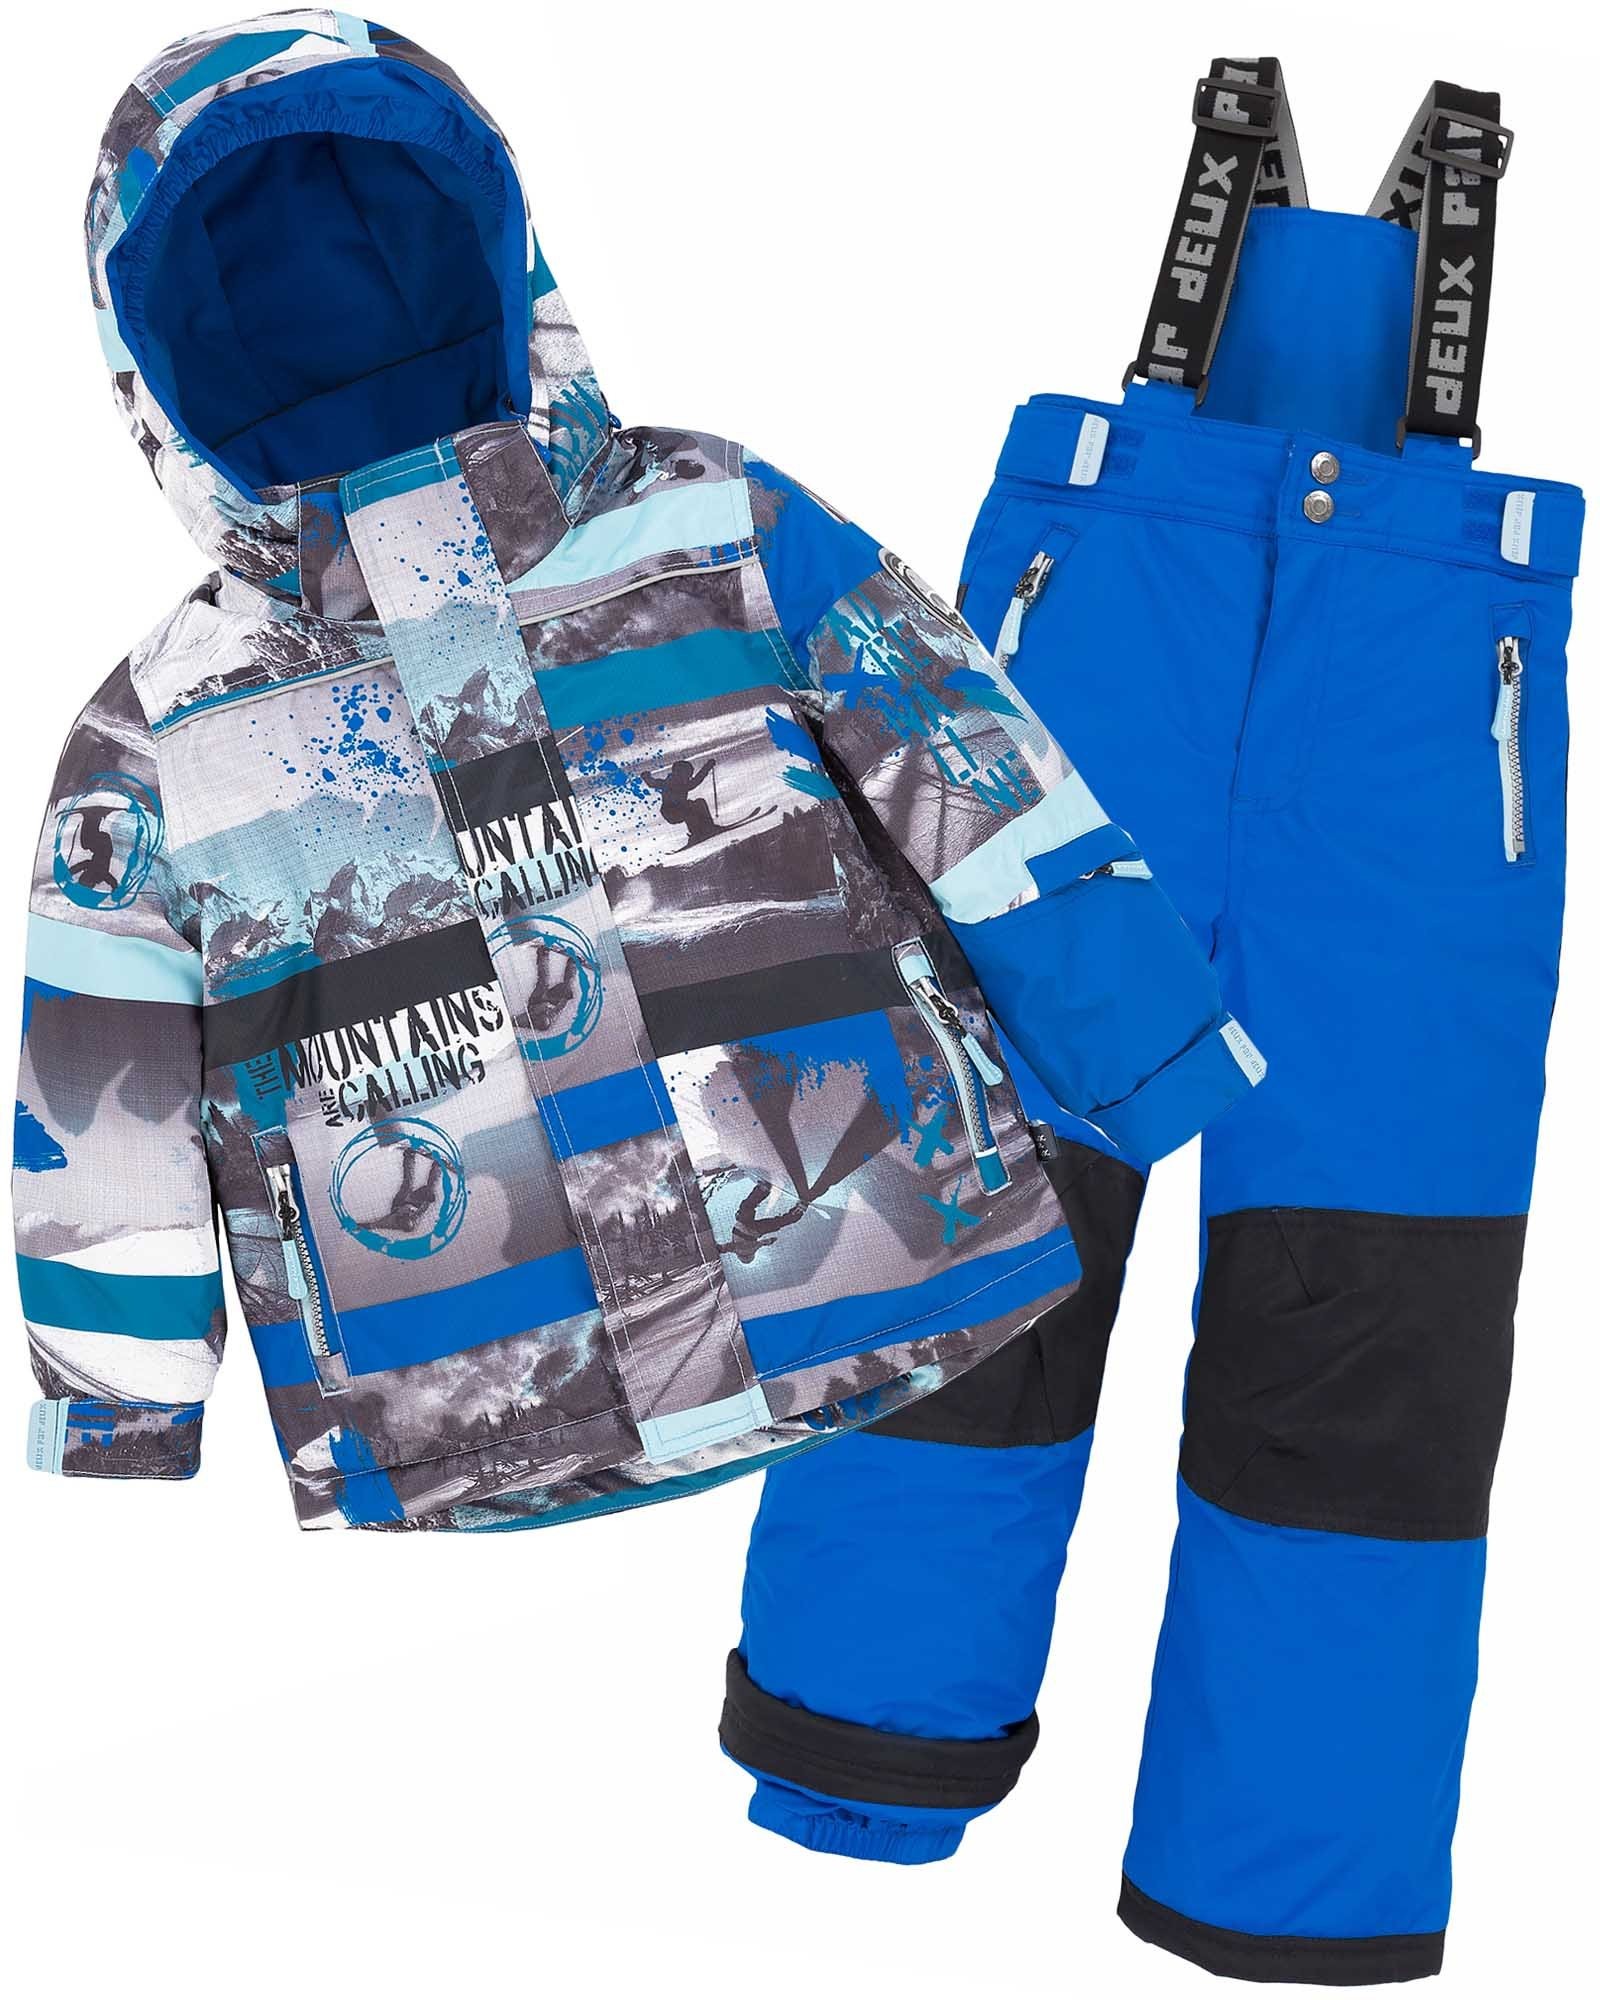 Deux par Deux Boys' 2-Piece Snowsuit Mountains are Calling Blue, Sizes 4-14 - 7 by Deux par Deux